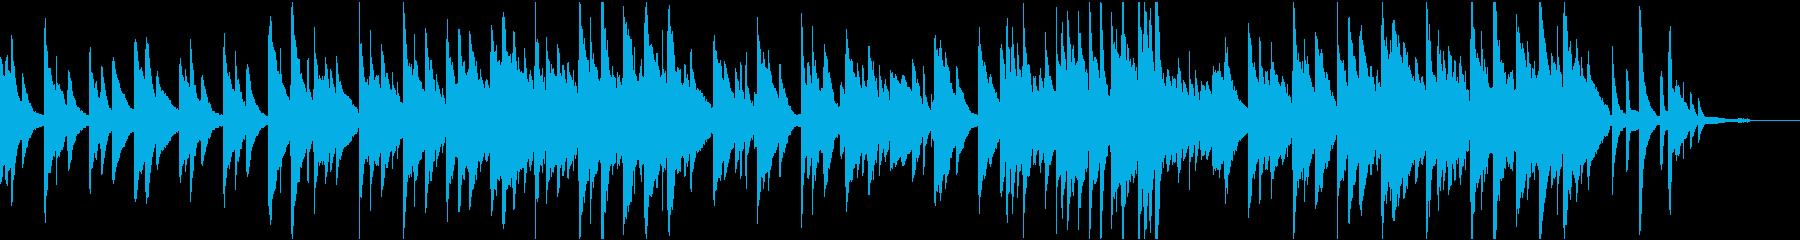 癒しのリラックスピアノの再生済みの波形